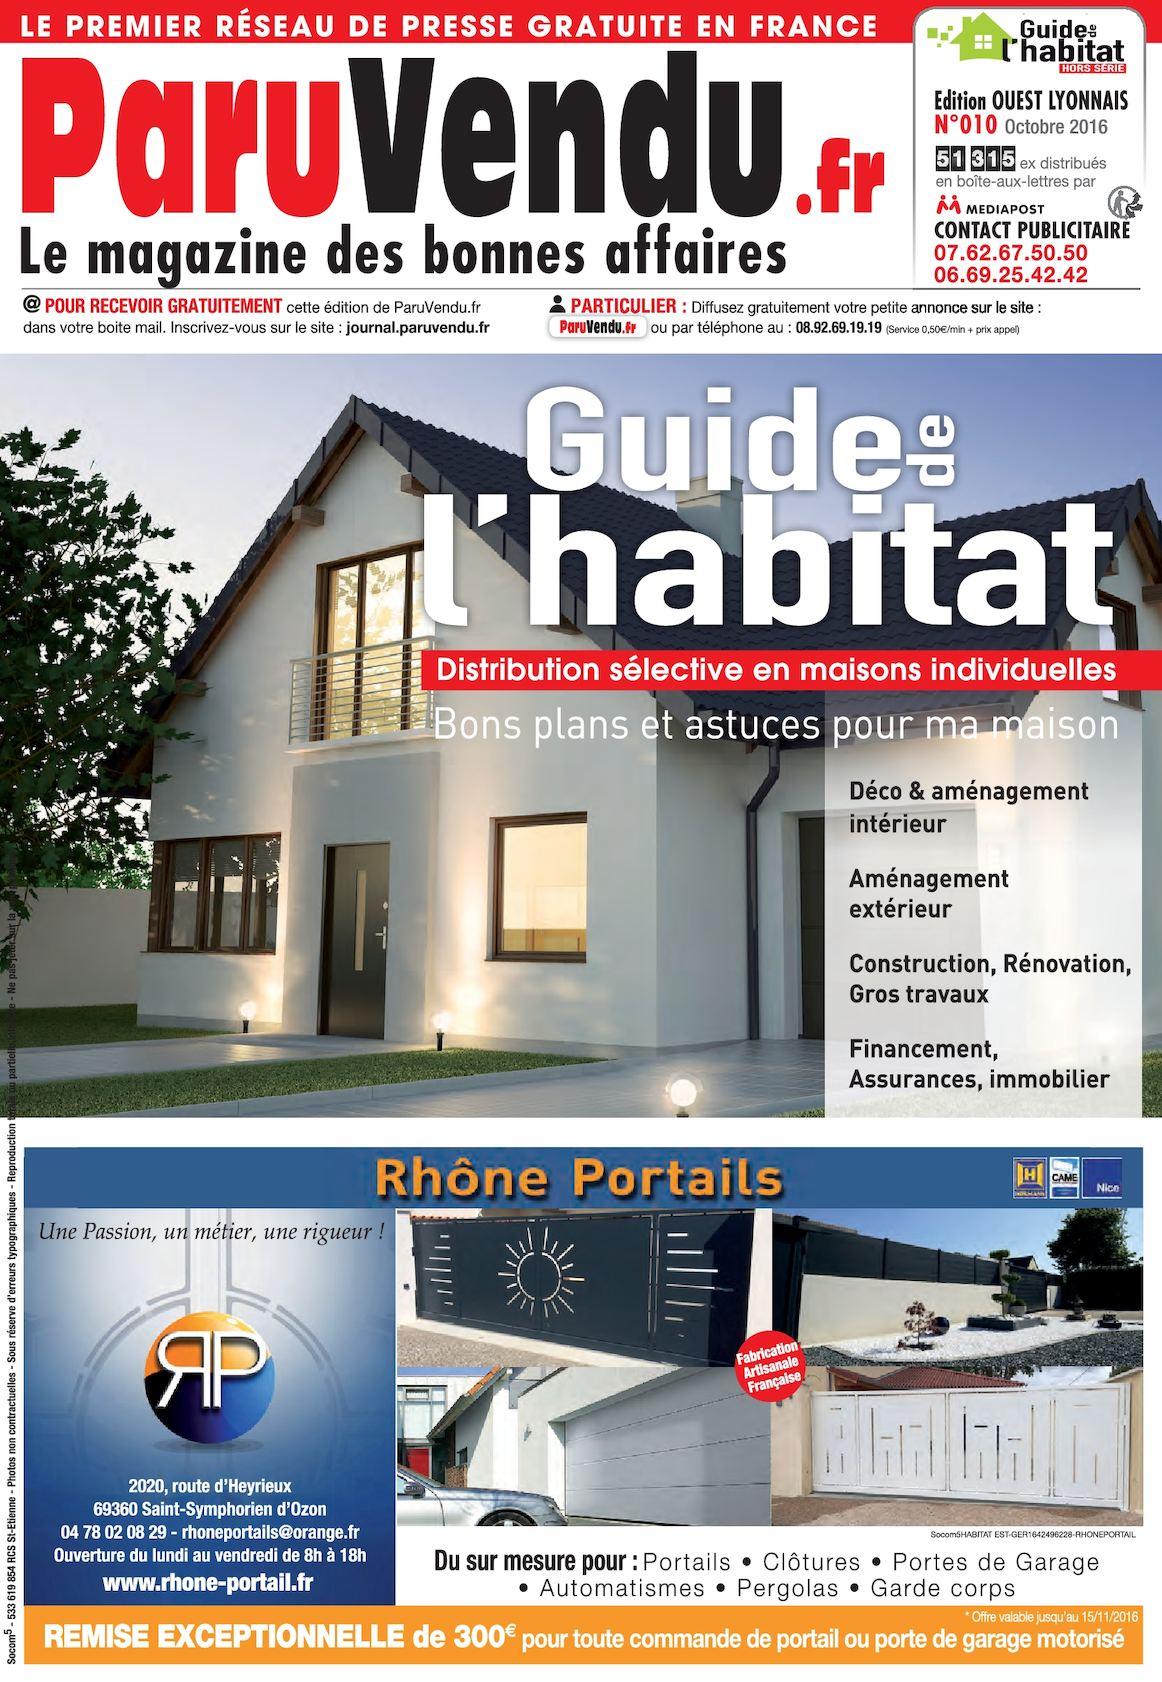 Maison Du Nord Magazine calaméo - paruvendu.fr nord-ouest-lyonnais n°58